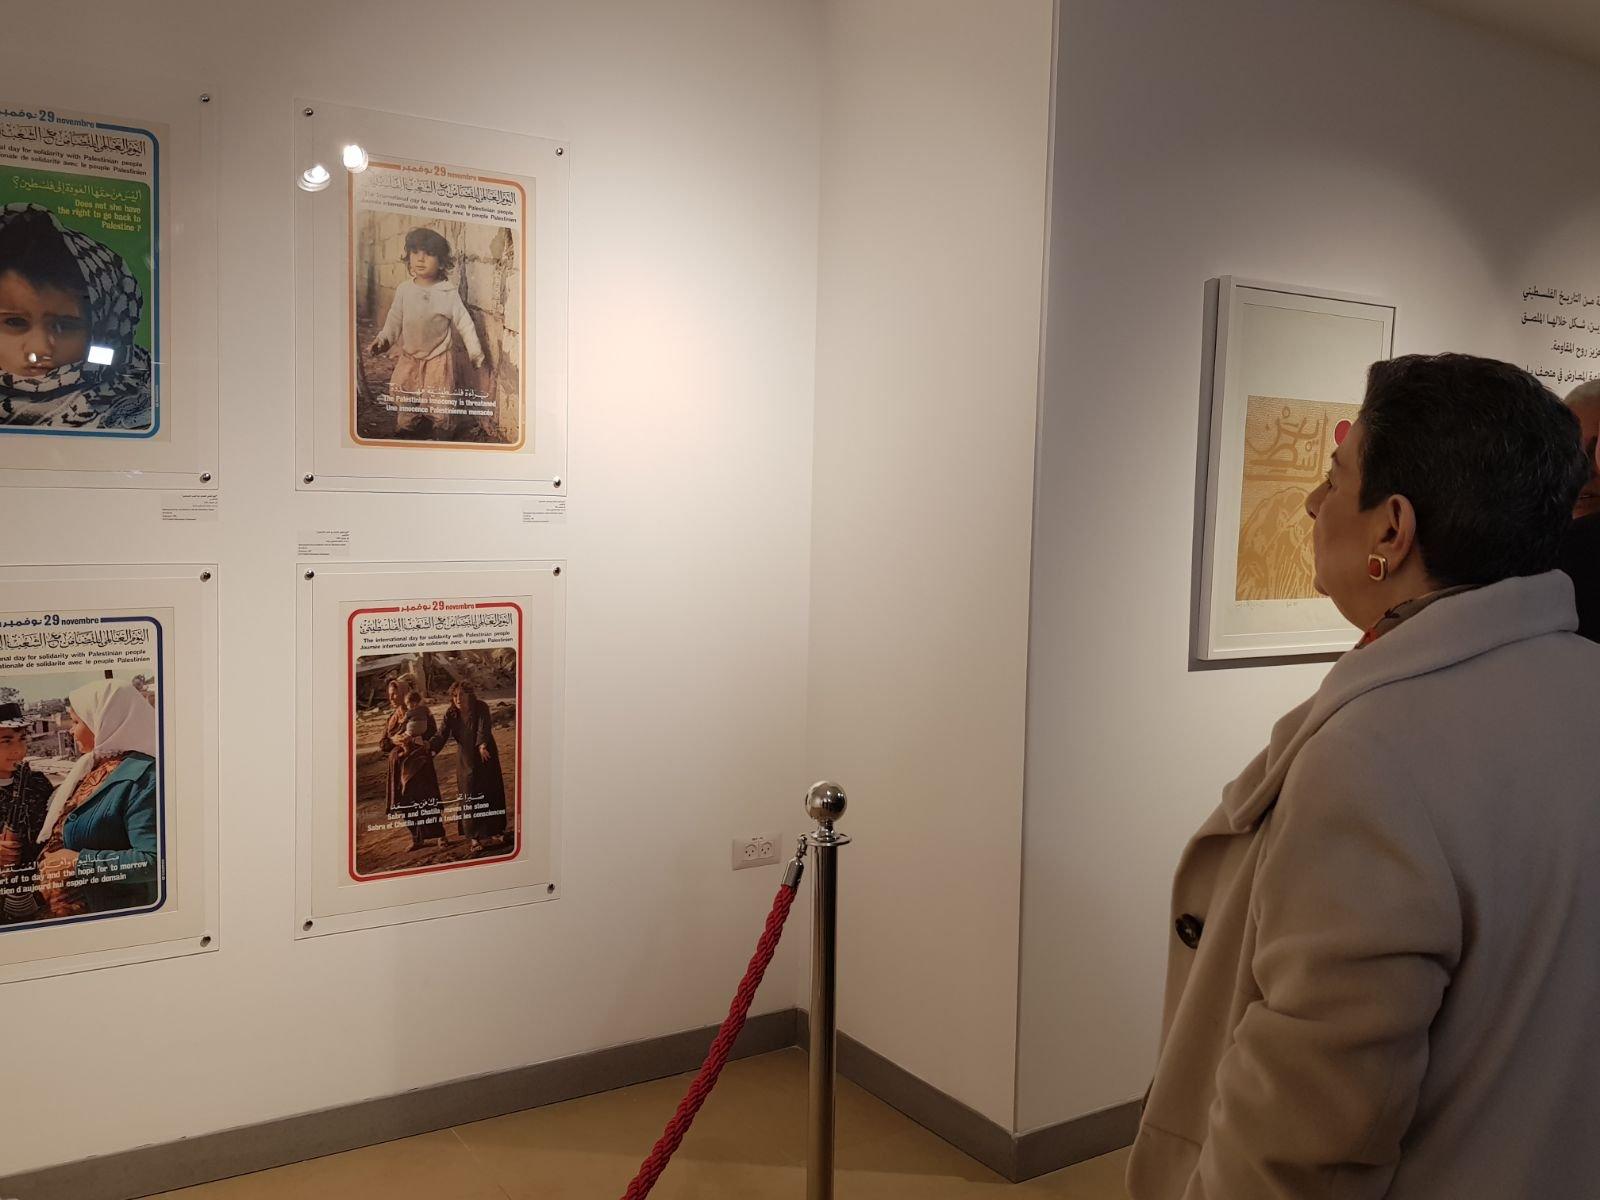 معرض يصور الأفكار والمفاهيم المتعلقة بالثورة الفلسطينية في عقدي السبعينات والثمانيات-5